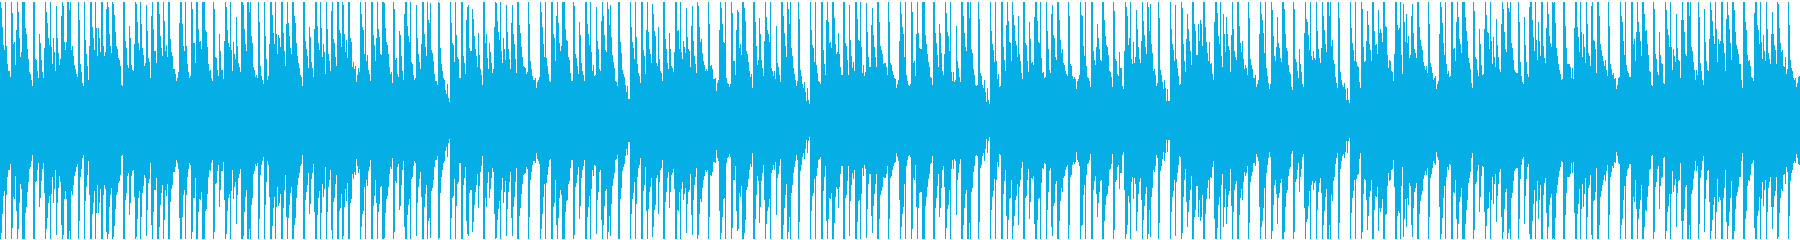 エジプト・アラビア・エスニックな曲ループの再生済みの波形